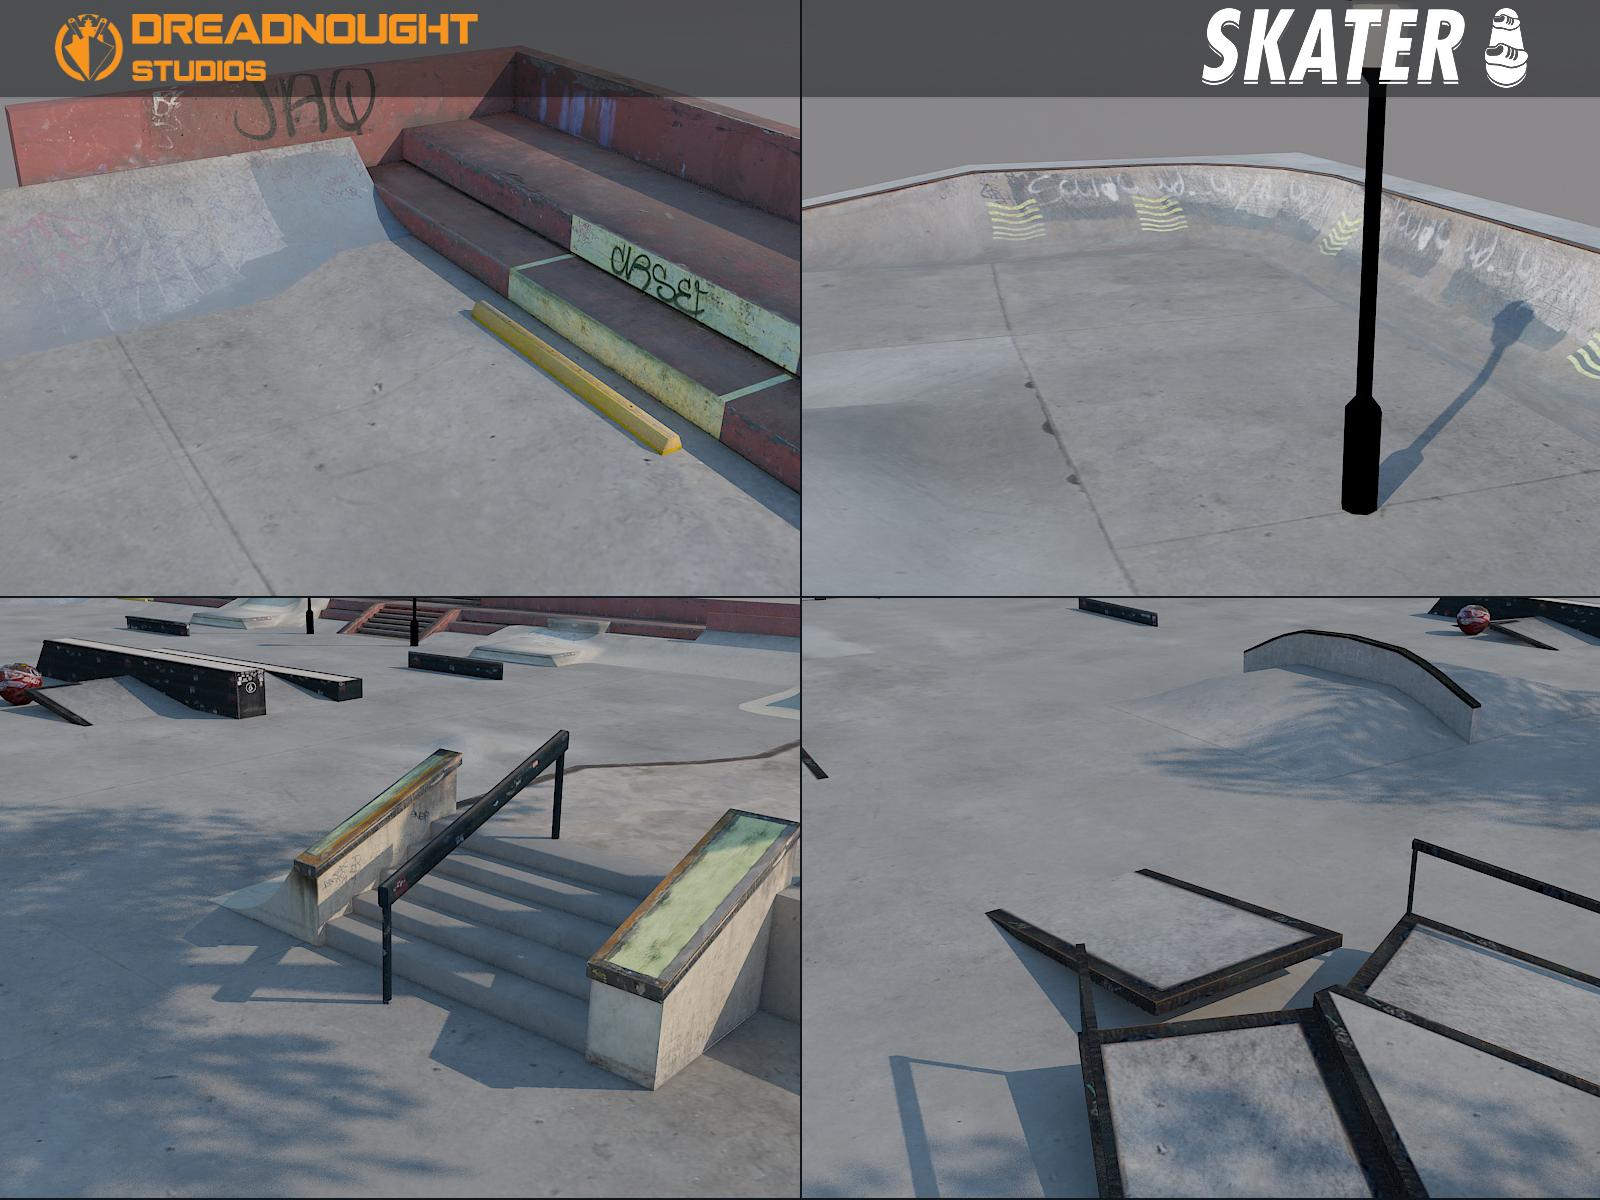 skater with logo2.jpg